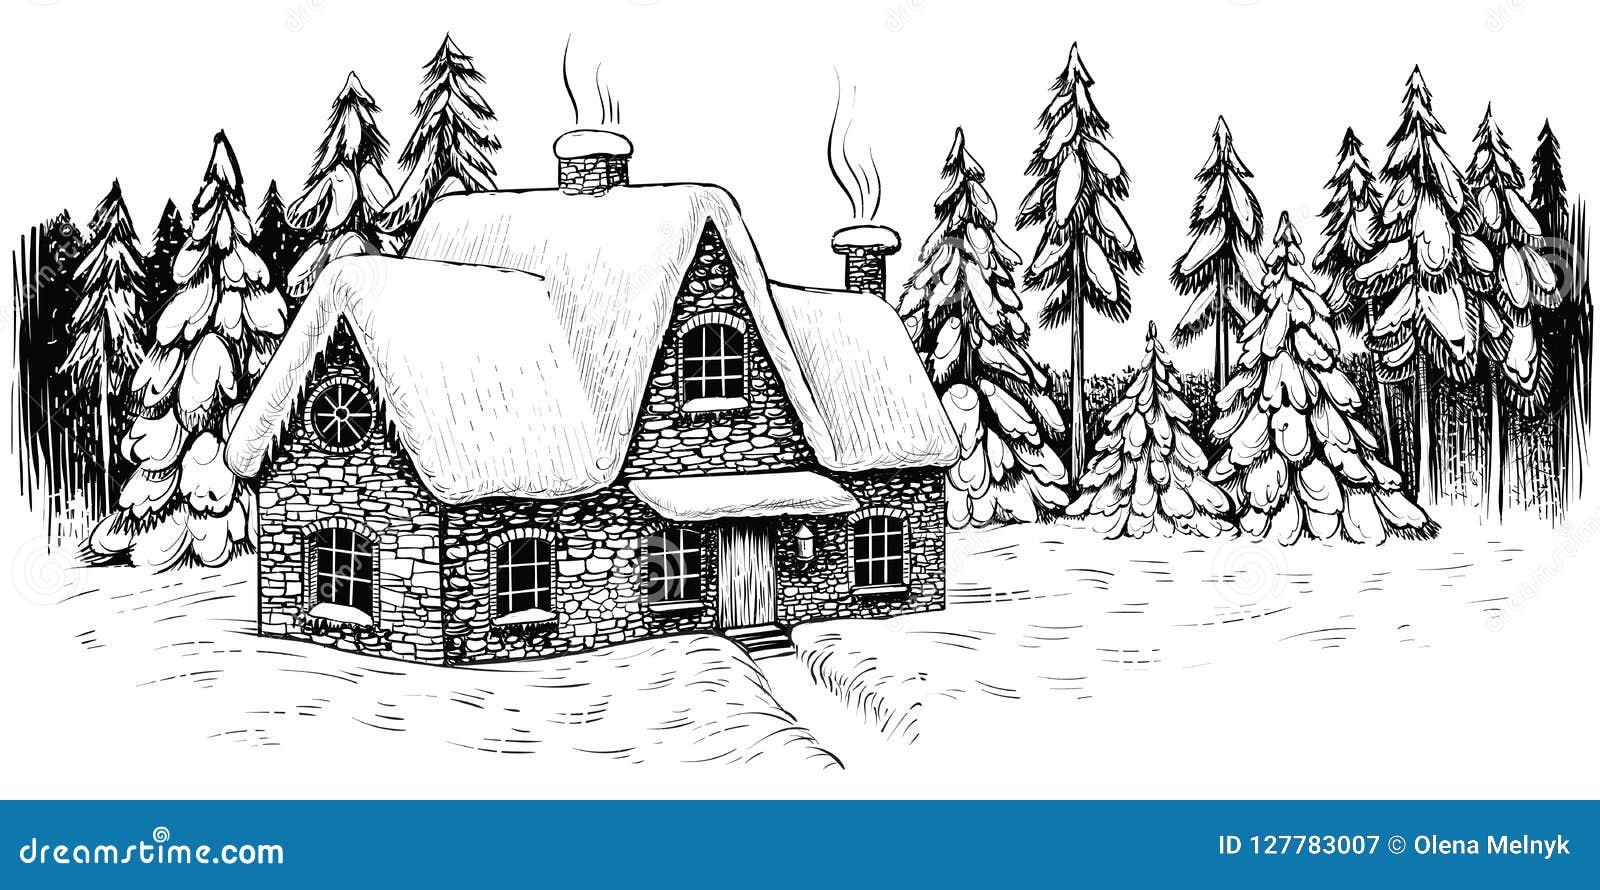 Casa di inverno circondata dagli abeti e dai pini, coperti di neve Paesaggio idilliaco di Natale